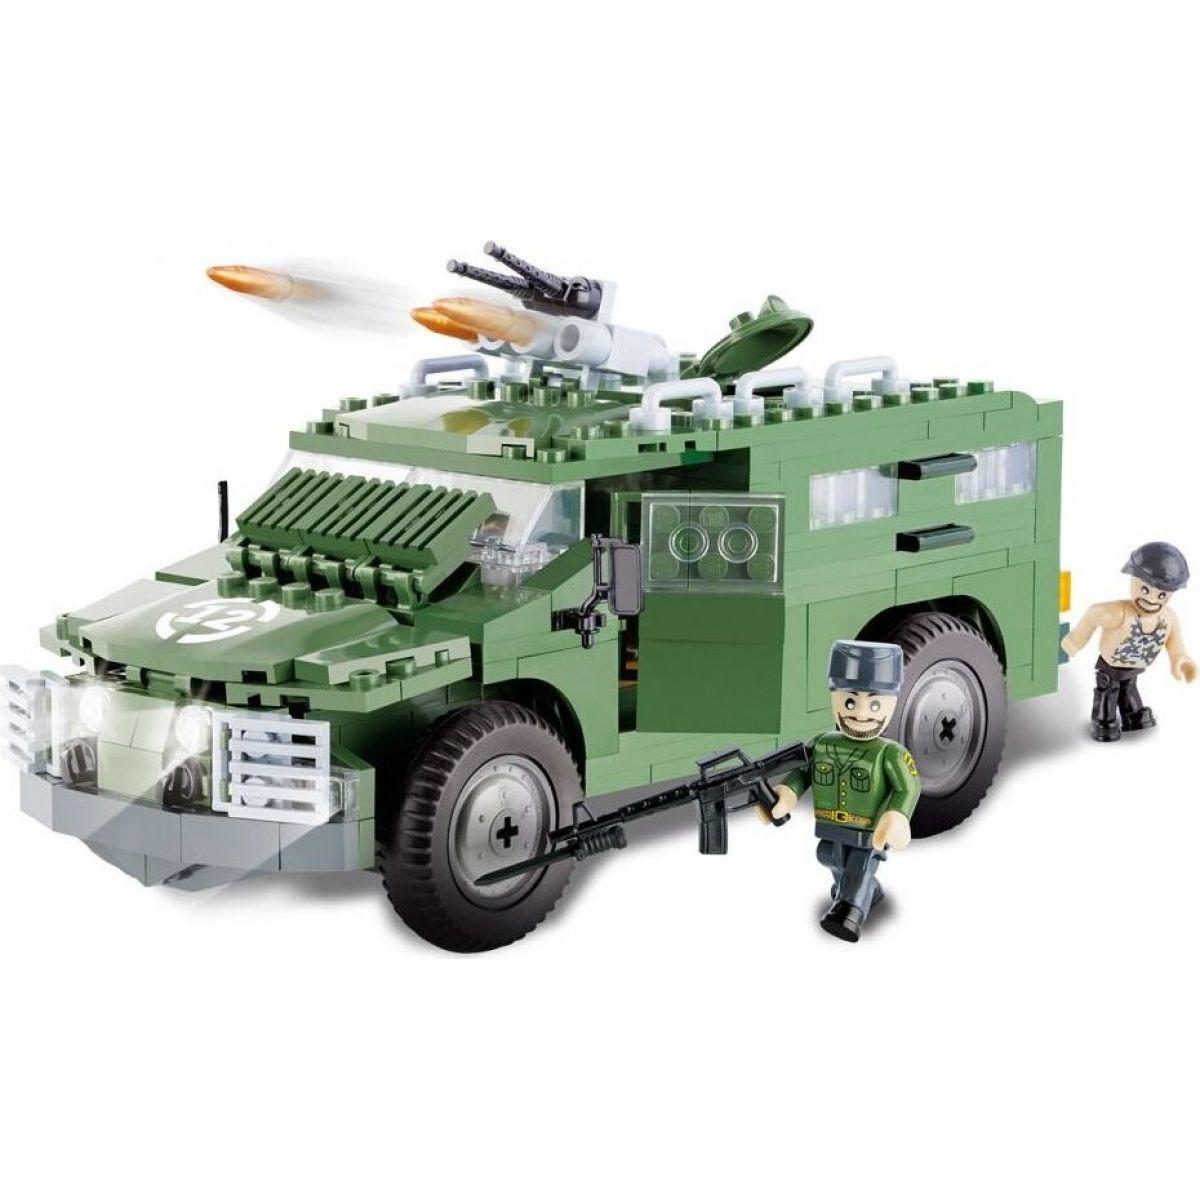 COBI 2414 Small Army ozbrojené vozidlo 300 k 2 f